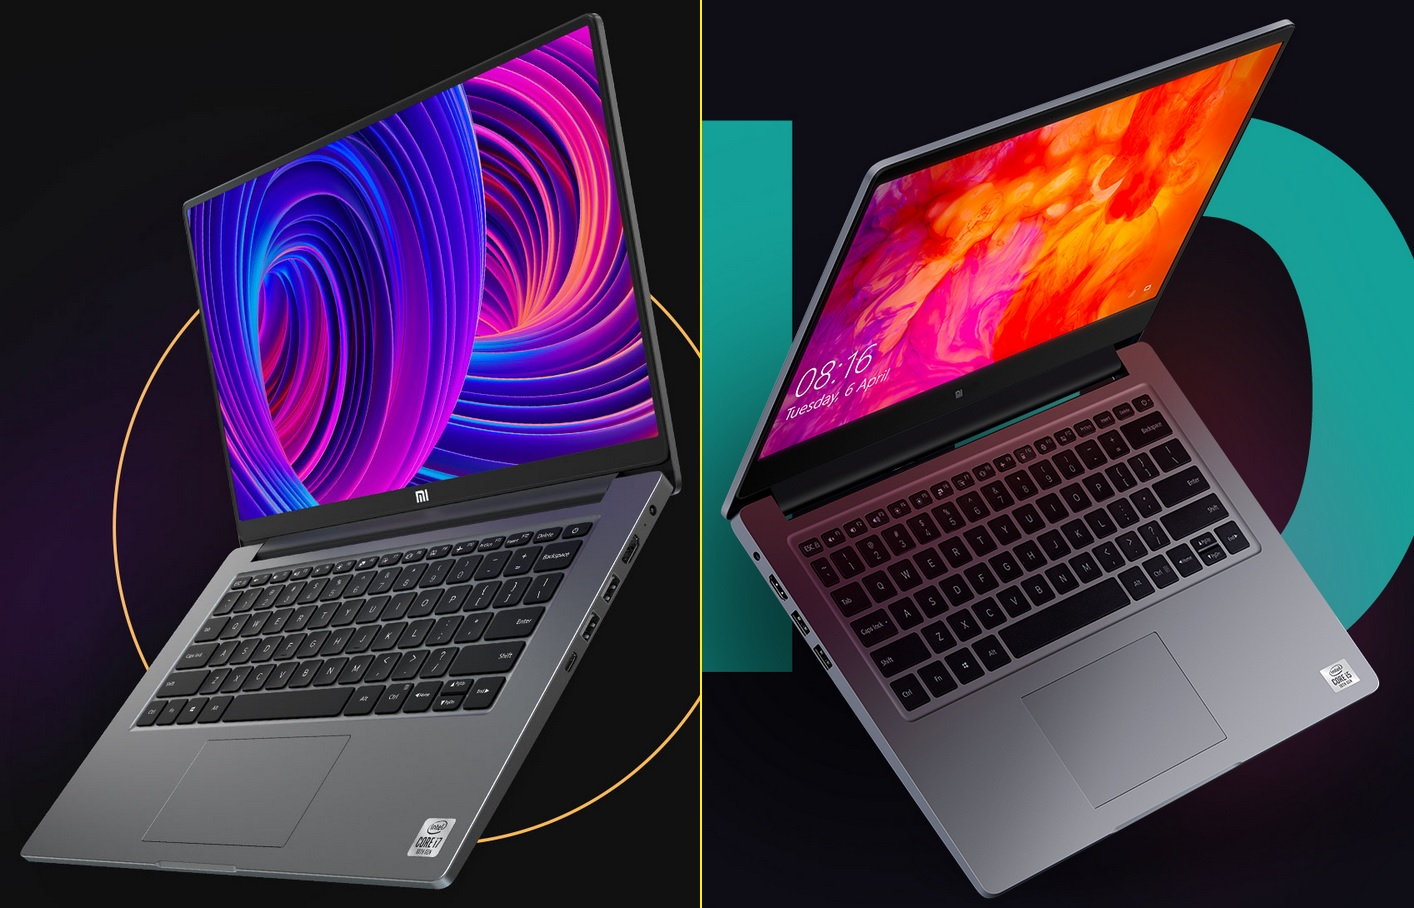 Как и сообщалось ранее представителями китайской компании вскоре состоится презентация новой модели ноутбука Mi Notebook Pro 15 Версия с i5 8 ГБ ОЗУ 512 ГБ SSD будет